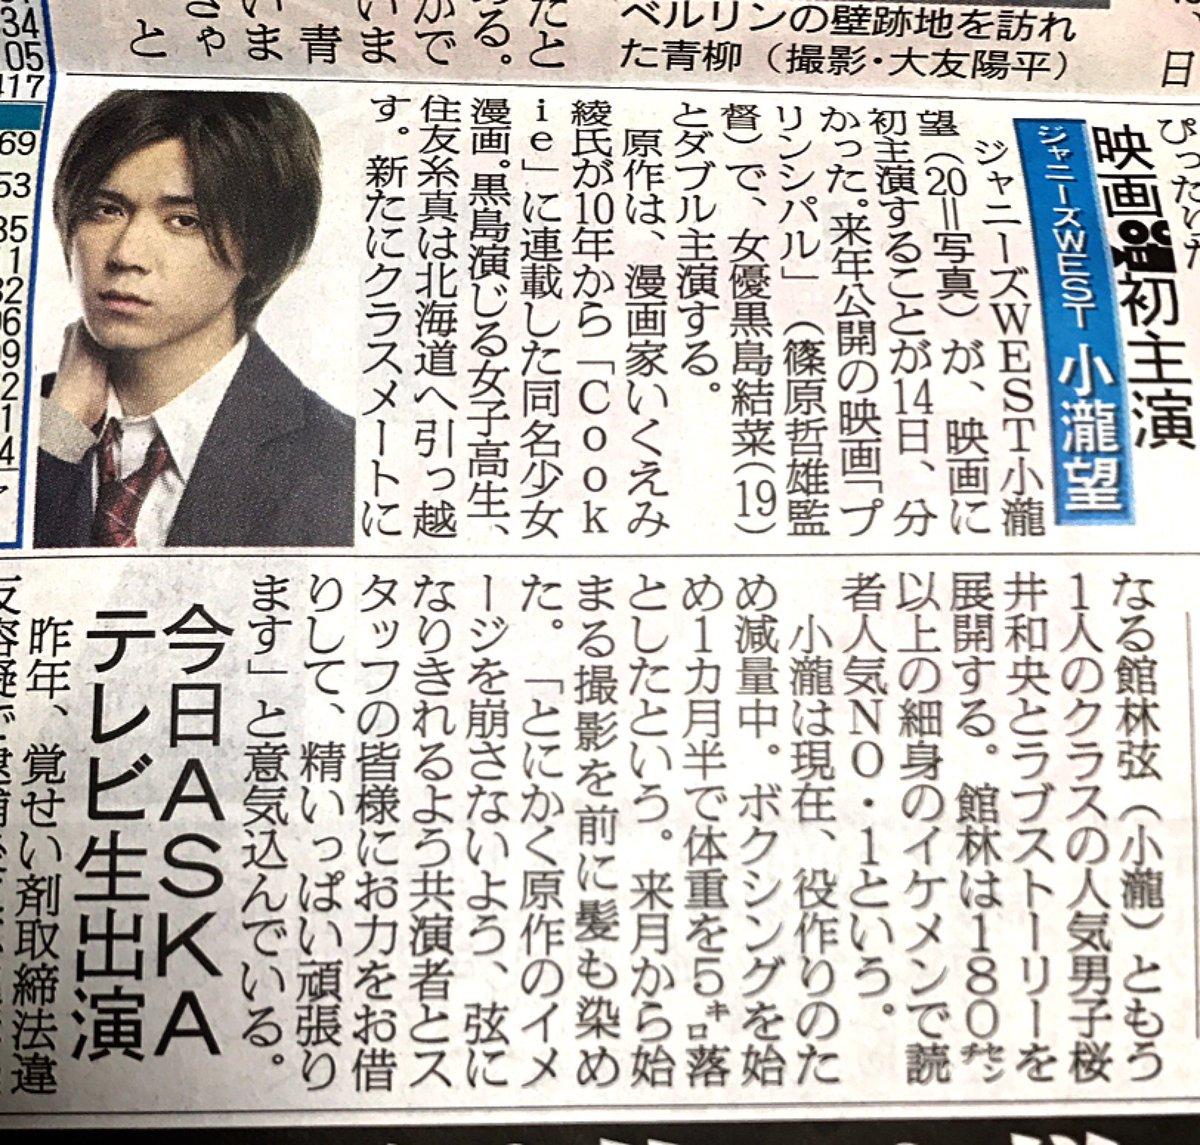 《日刊スポーツ》小瀧望 来年公開の映画「プリンシパル」で初主演する